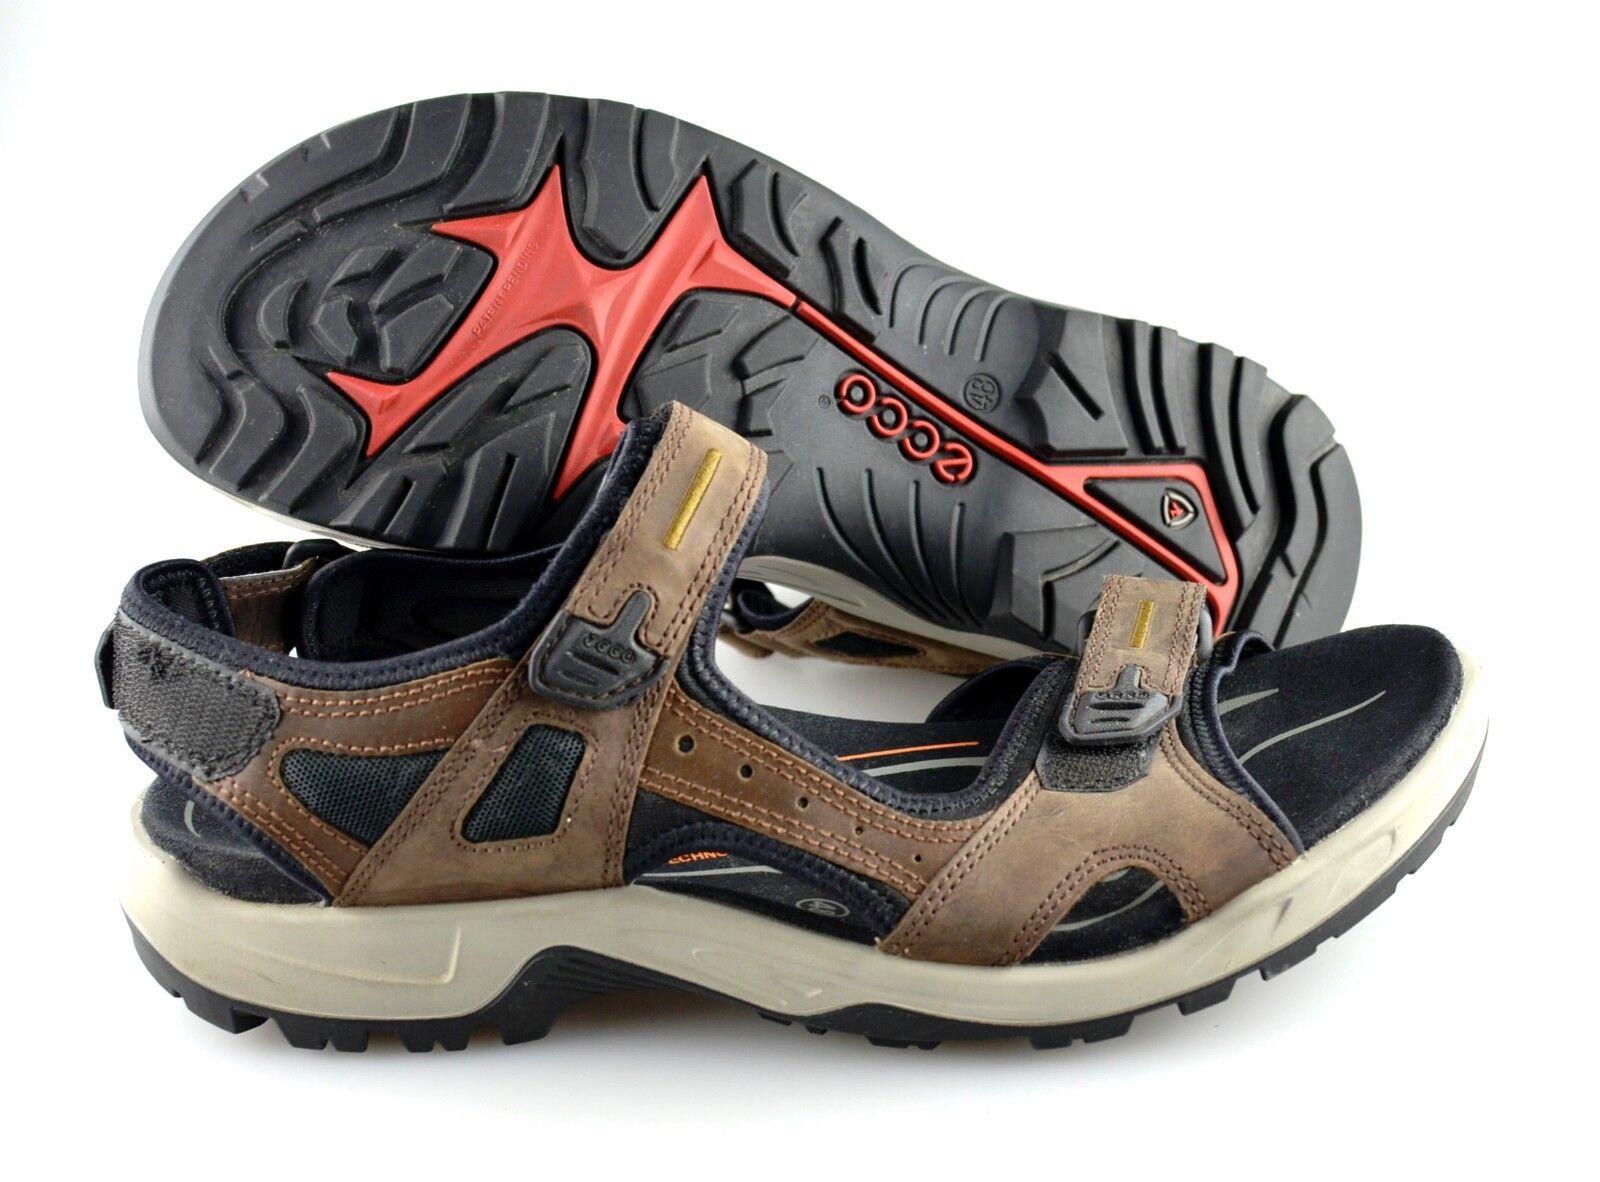 R - varones ecco 'Yucatan' marrón cuero sandalias, talla  US 14 EUR 48